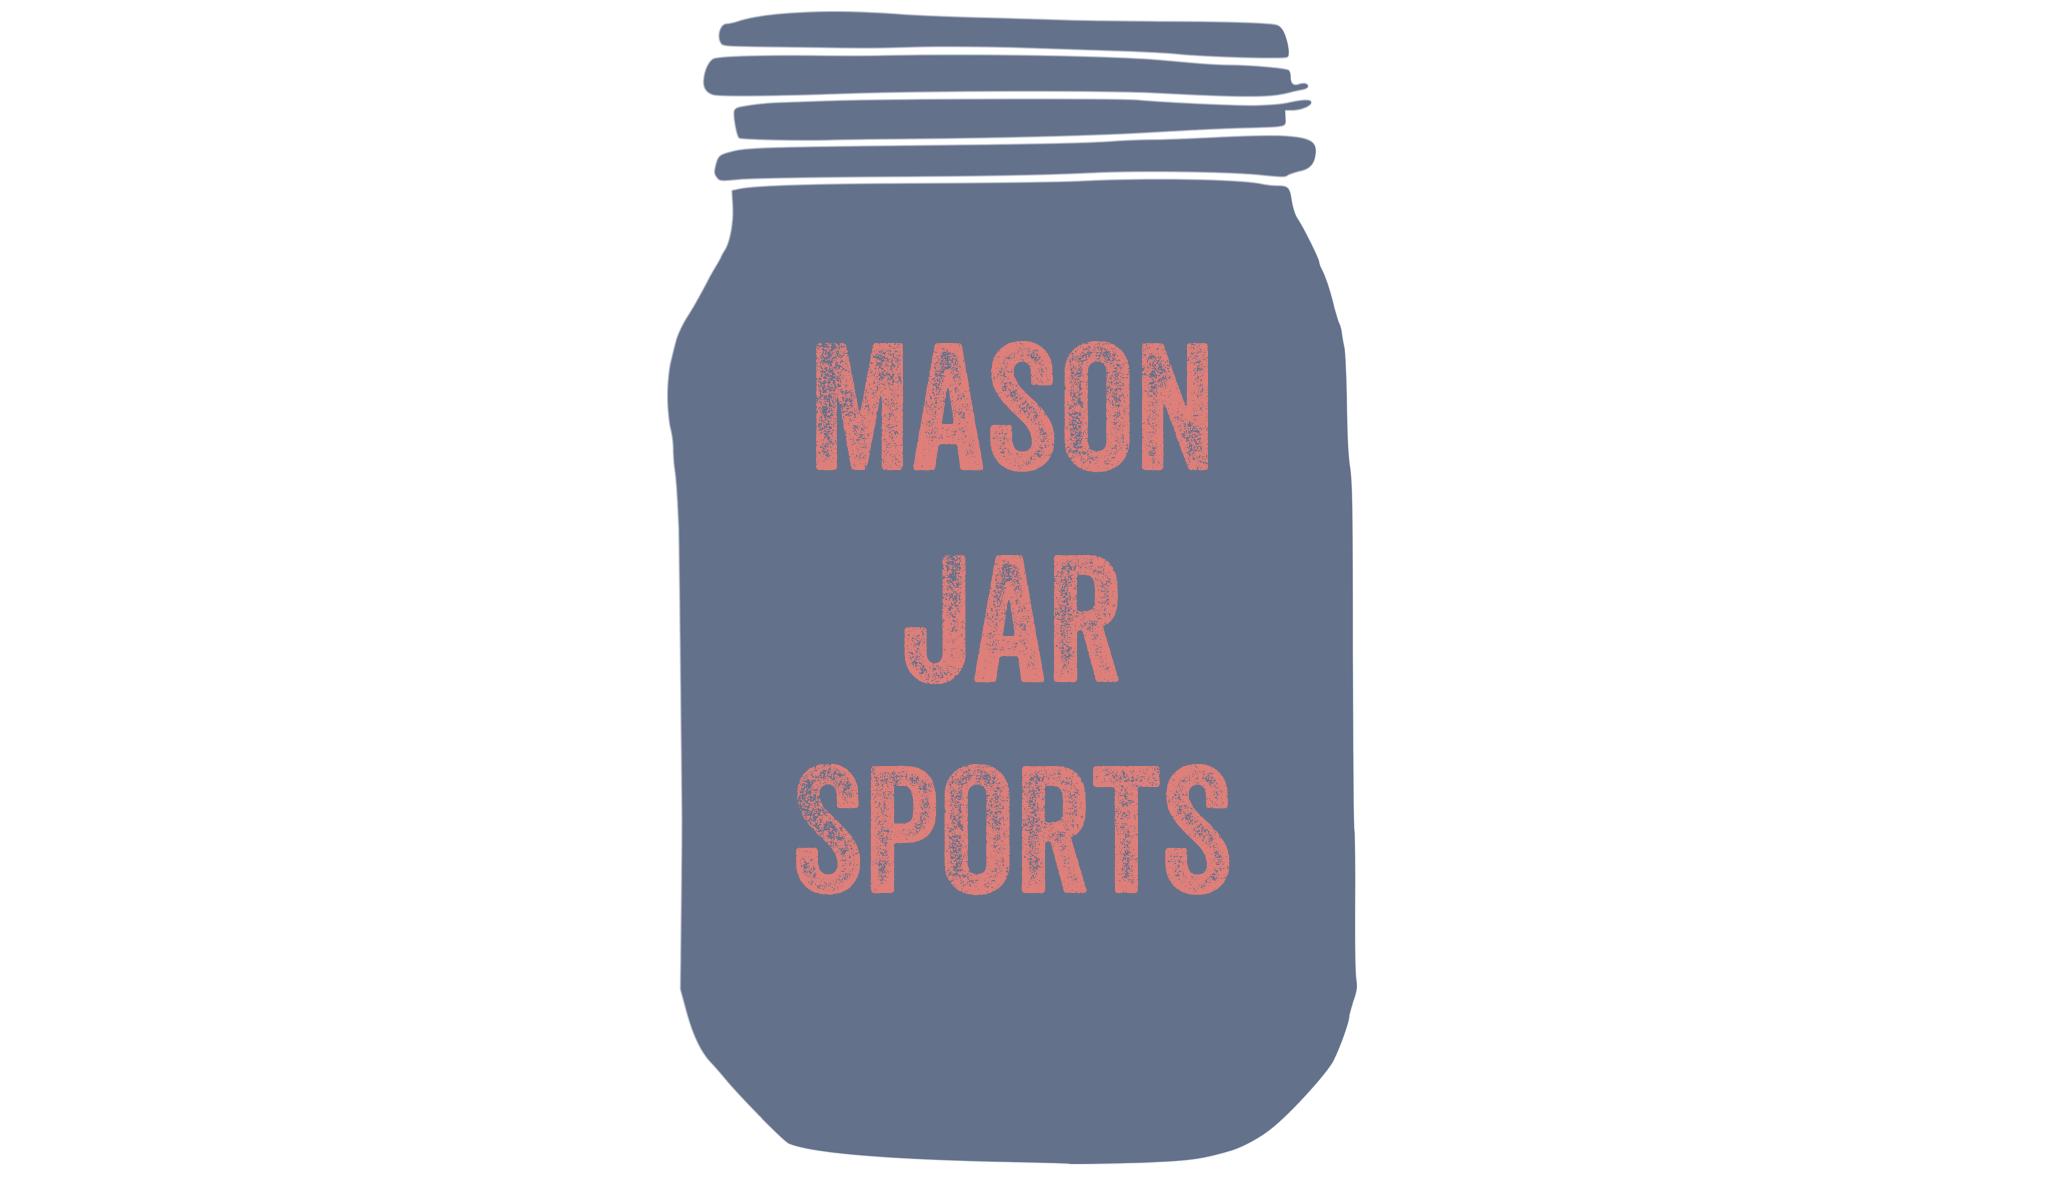 Mason Jar Sports